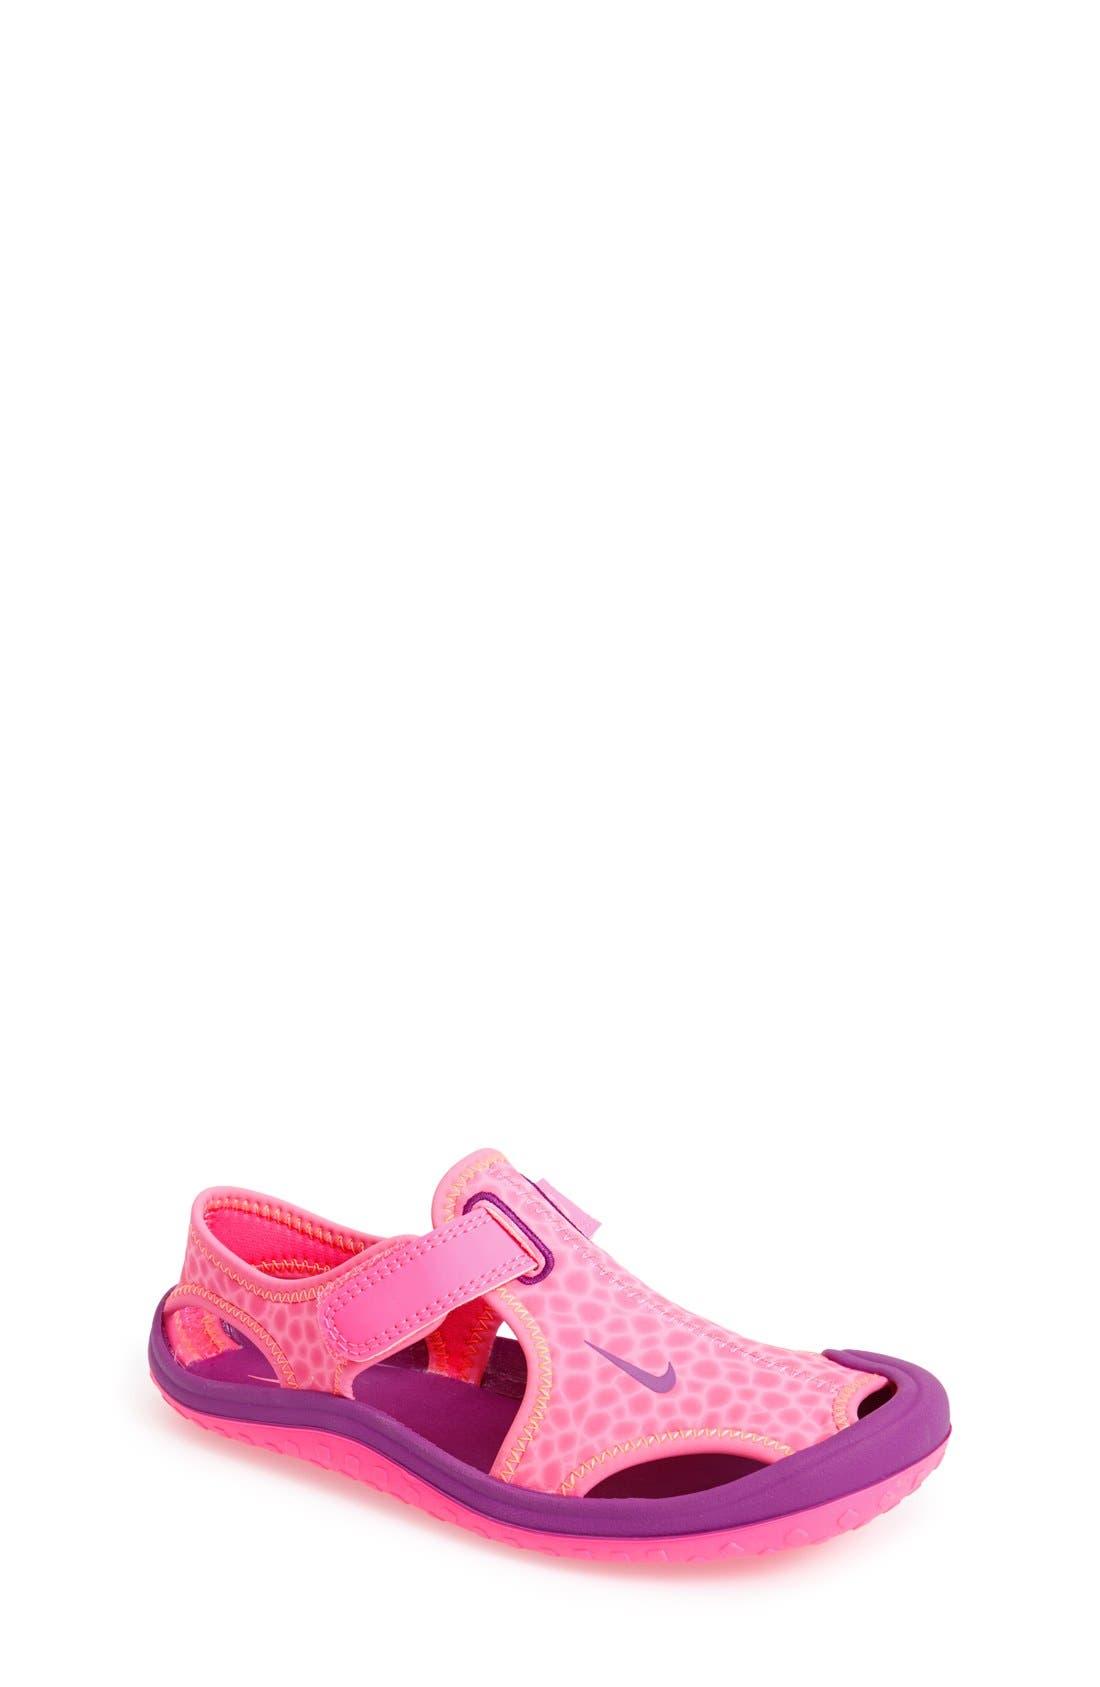 Alternate Image 1 Selected - Nike 'Sunray Protect' Sandal (Baby, Walker, Toddler & Little Kid)